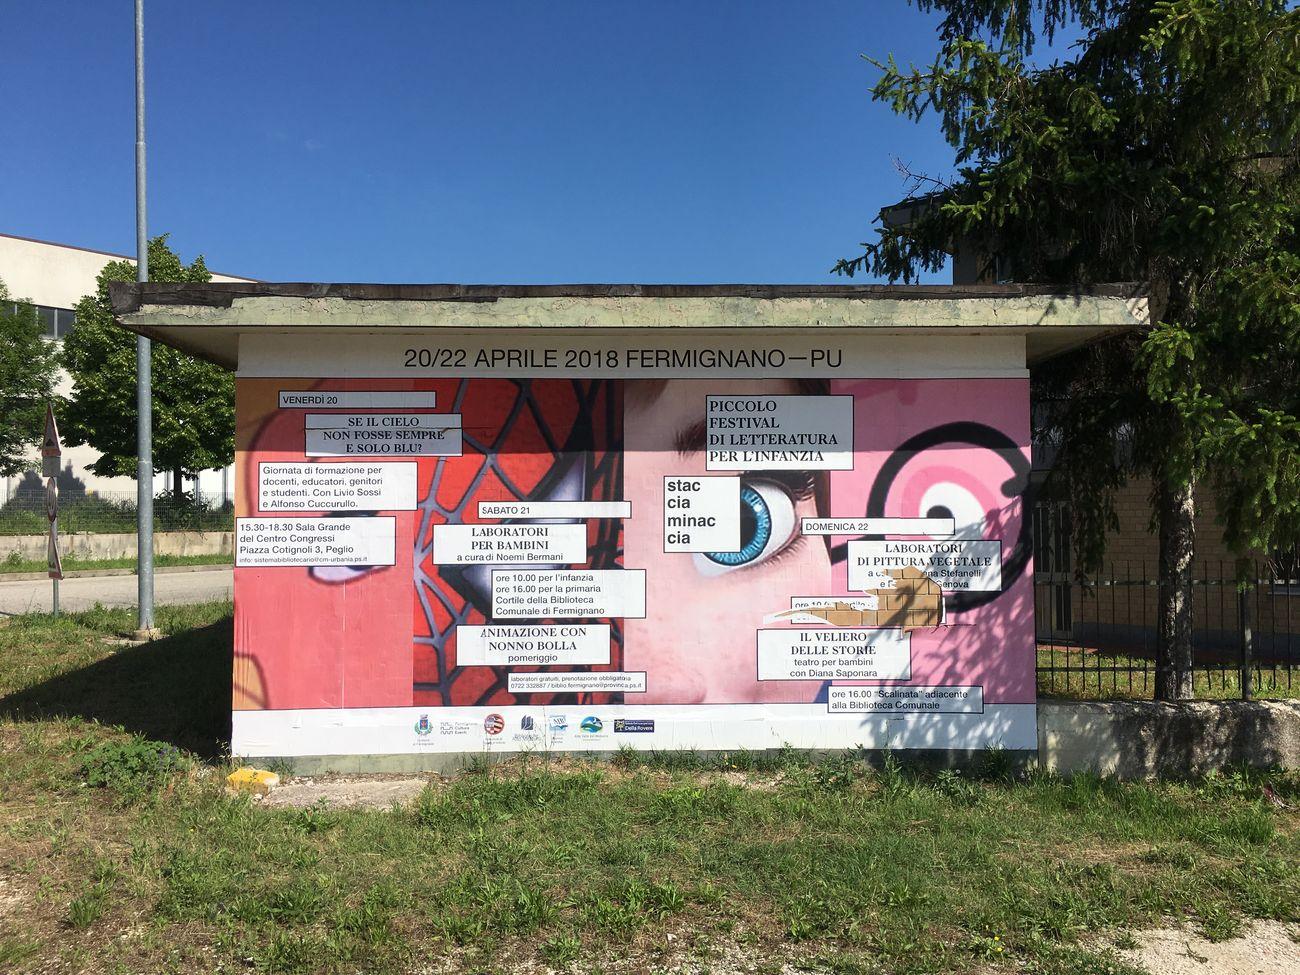 Jonathan Pierini, Campagna affissioni per Stacciaminaccia, Piccolo Festival di Letteratura per l'Infanzia, Comune di Fermignano (PU), 2018